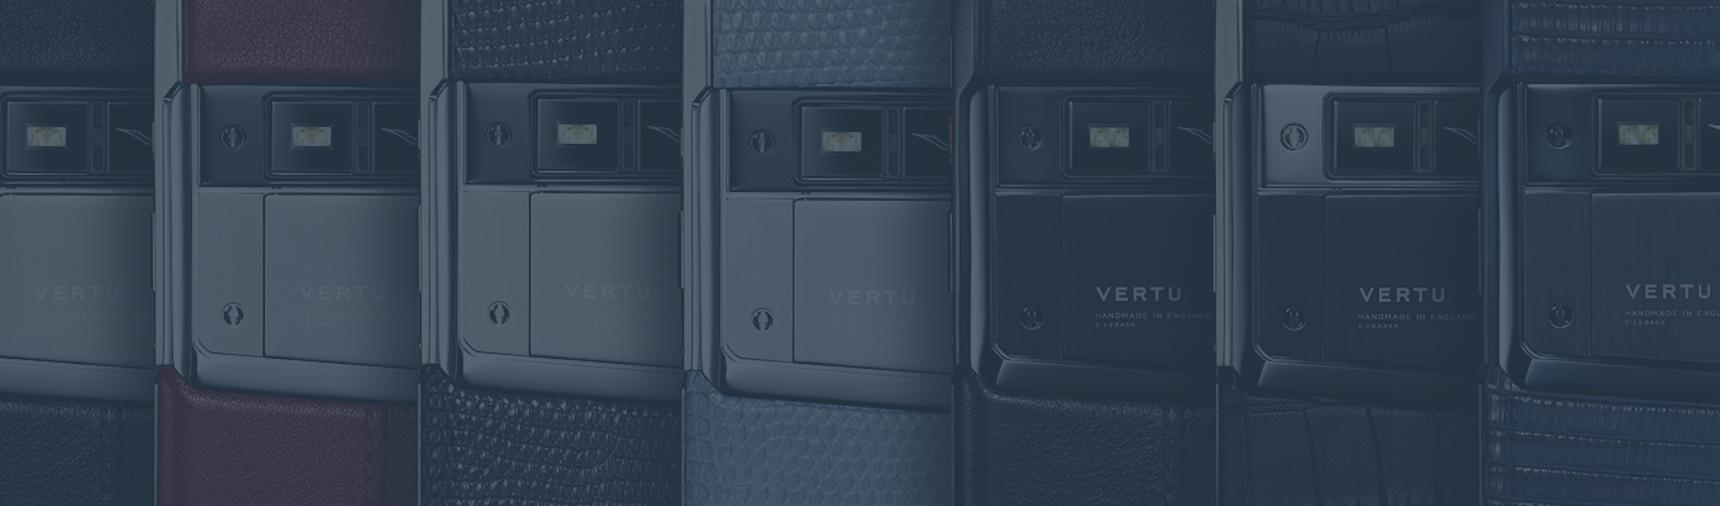 Принимаем в залог дорогие телефоны # Vertu, Tag Heuer, iPhone